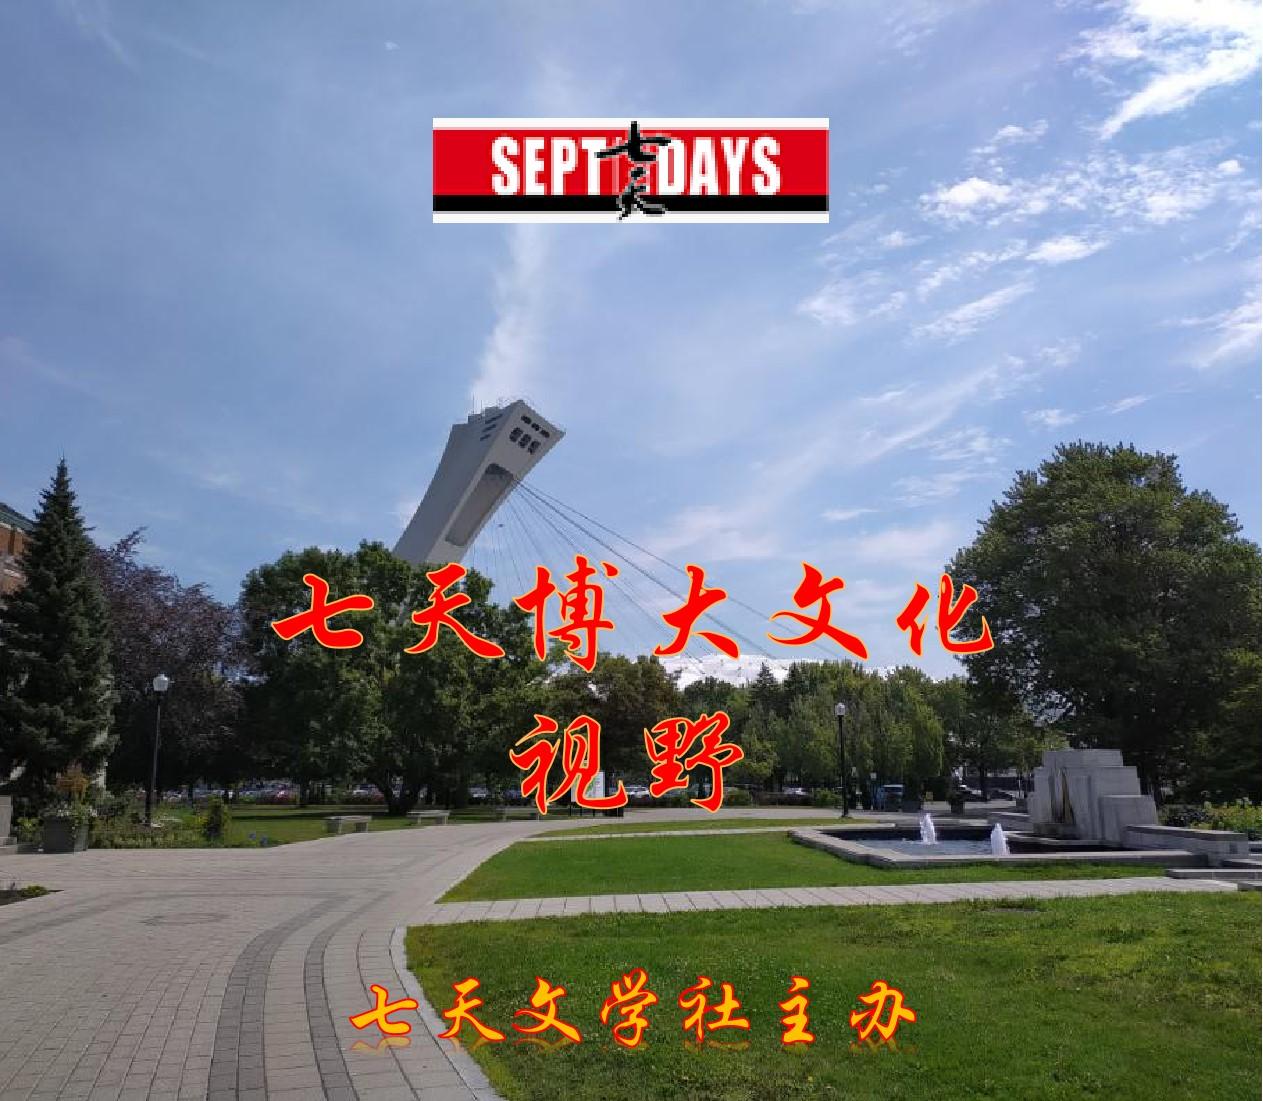 七天博大文化视野(9月24日)